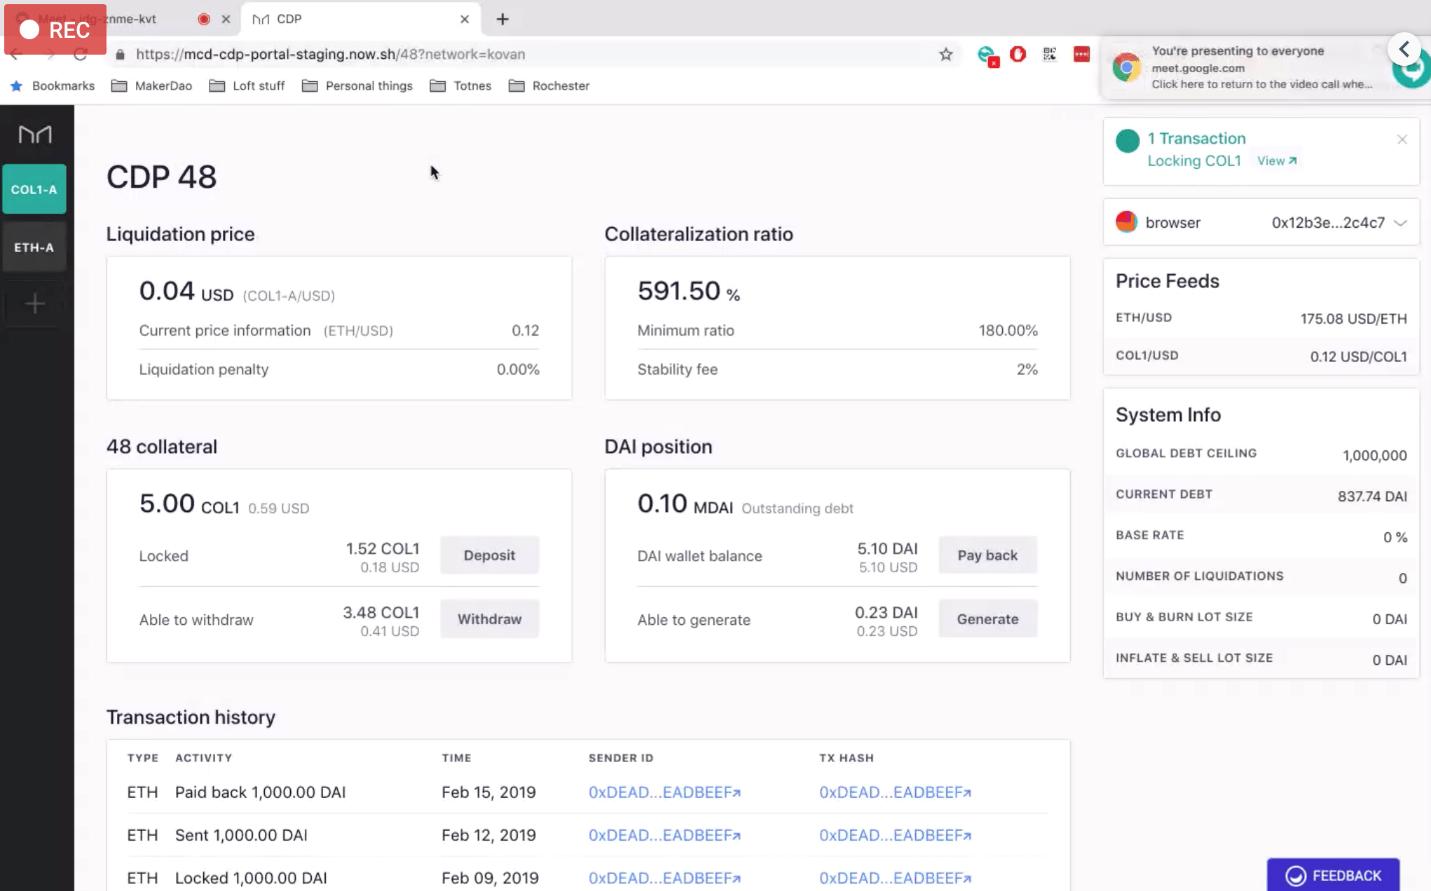 ابزار جدید MakerDAO برای پرداخت وام با استفاده از توکن